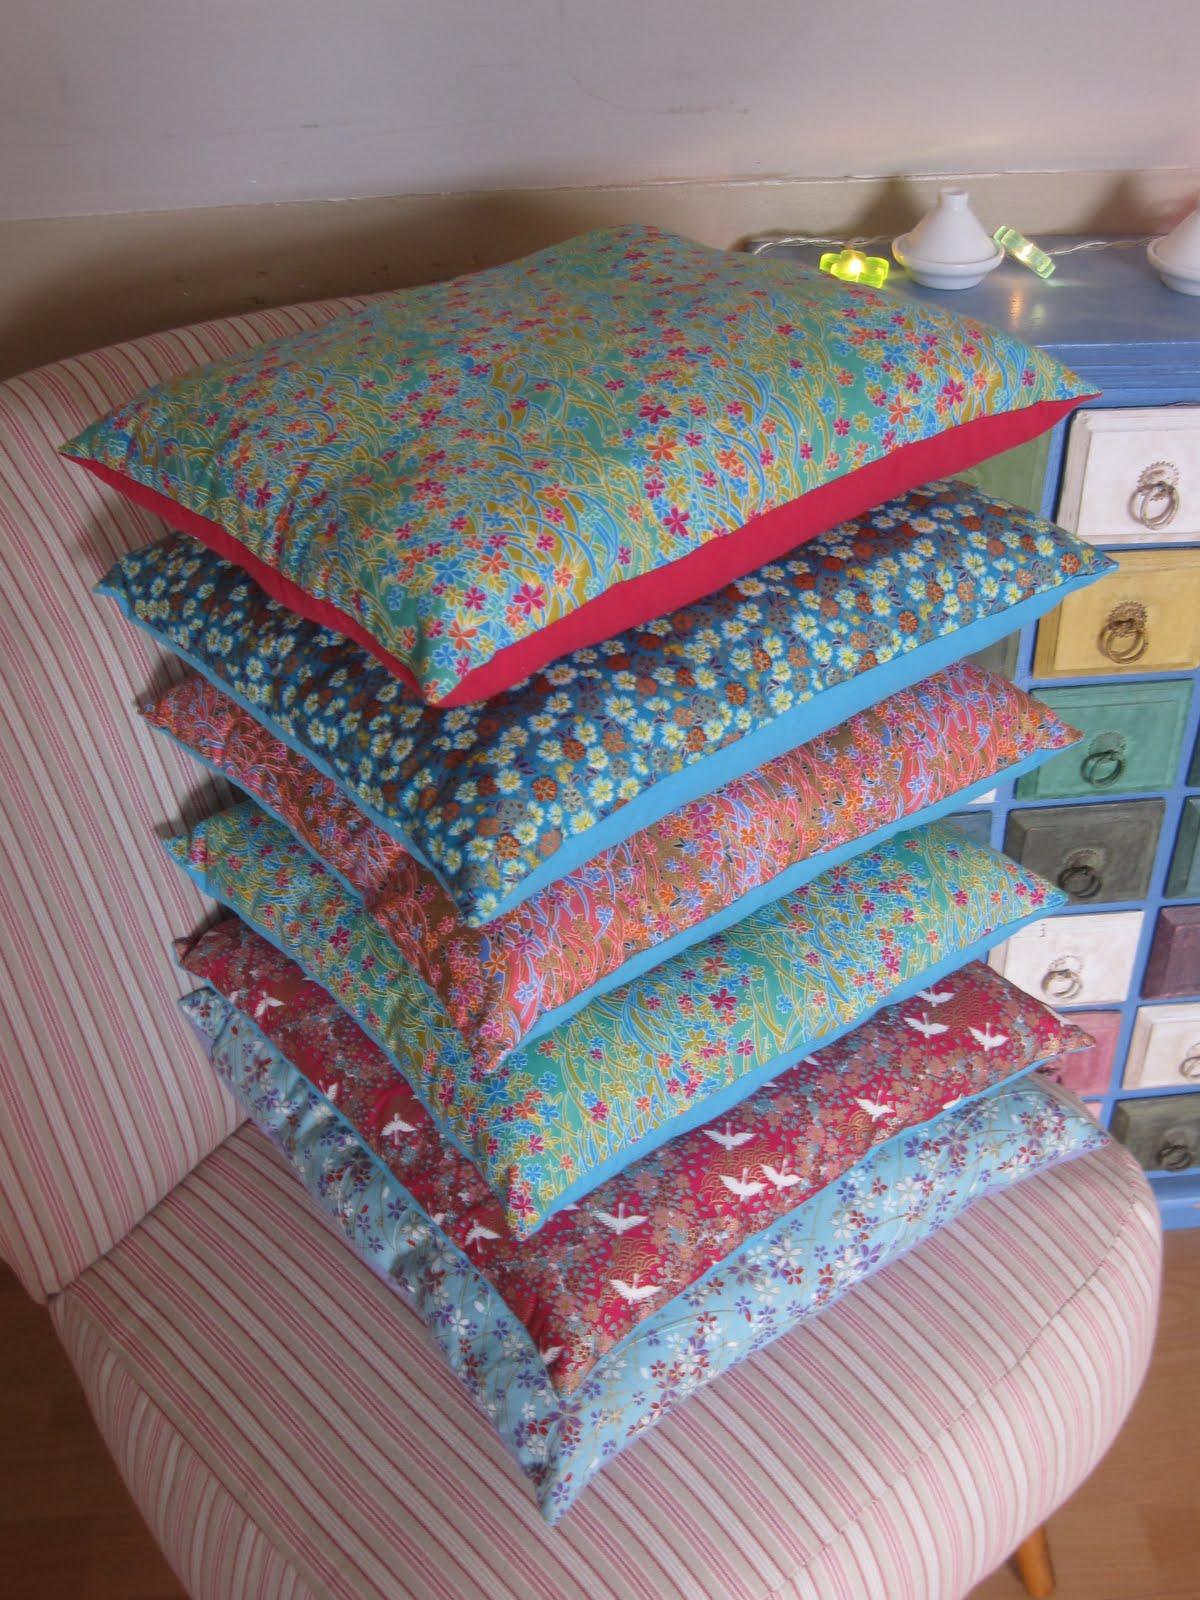 le loup rose la vanille petit coussin en tissu japonais. Black Bedroom Furniture Sets. Home Design Ideas